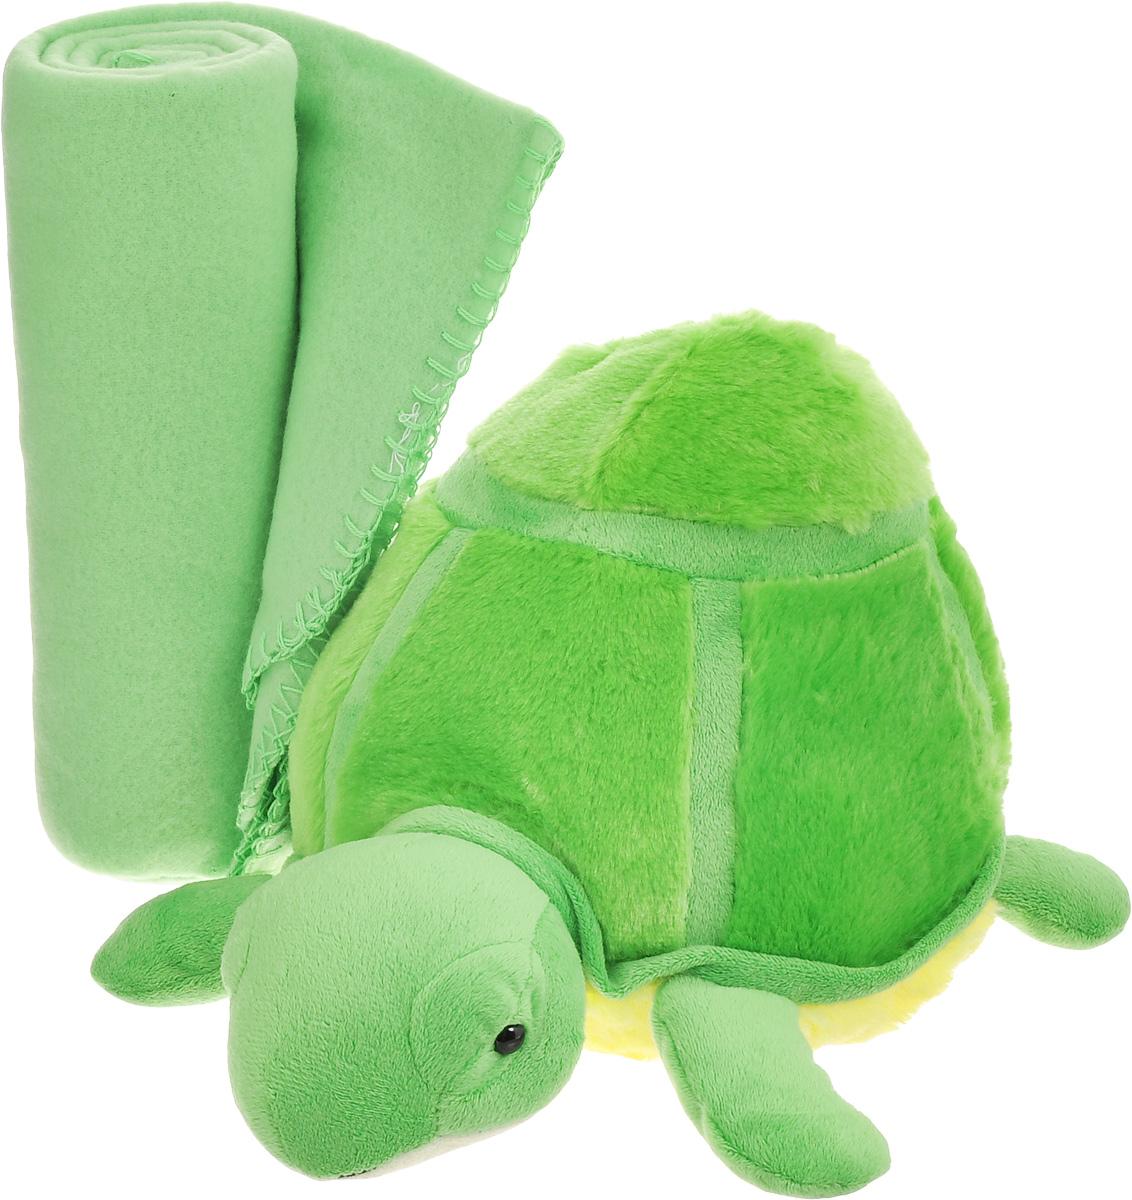 Набор Home Queen Черепашка: плед, игрушка, цвет: зеленый67427Набор Home Queen Черепашка состоит из мягконабивной игрушки и флисового пледа желтого цвета. Мягкий флисовый плед согреет в прохладные вечера и сделает ваш дом уютным. Плед не скатывается и не вызывает аллергии, легко стирается и быстро сохнет. Таким пледом можно уютно укрыться дома или взять с собой в путешествие. Игрушка в виде черепашки изготовлена из приятного на ощупь плюша с мягким синтепоном внутри. Может использоваться как подушка. Набор Home Queen Черепашка - интересный и полезный подарок для ребенка. Плед и игрушка прекрасно дополнят интерьер детской и порадуют вашего малыша.